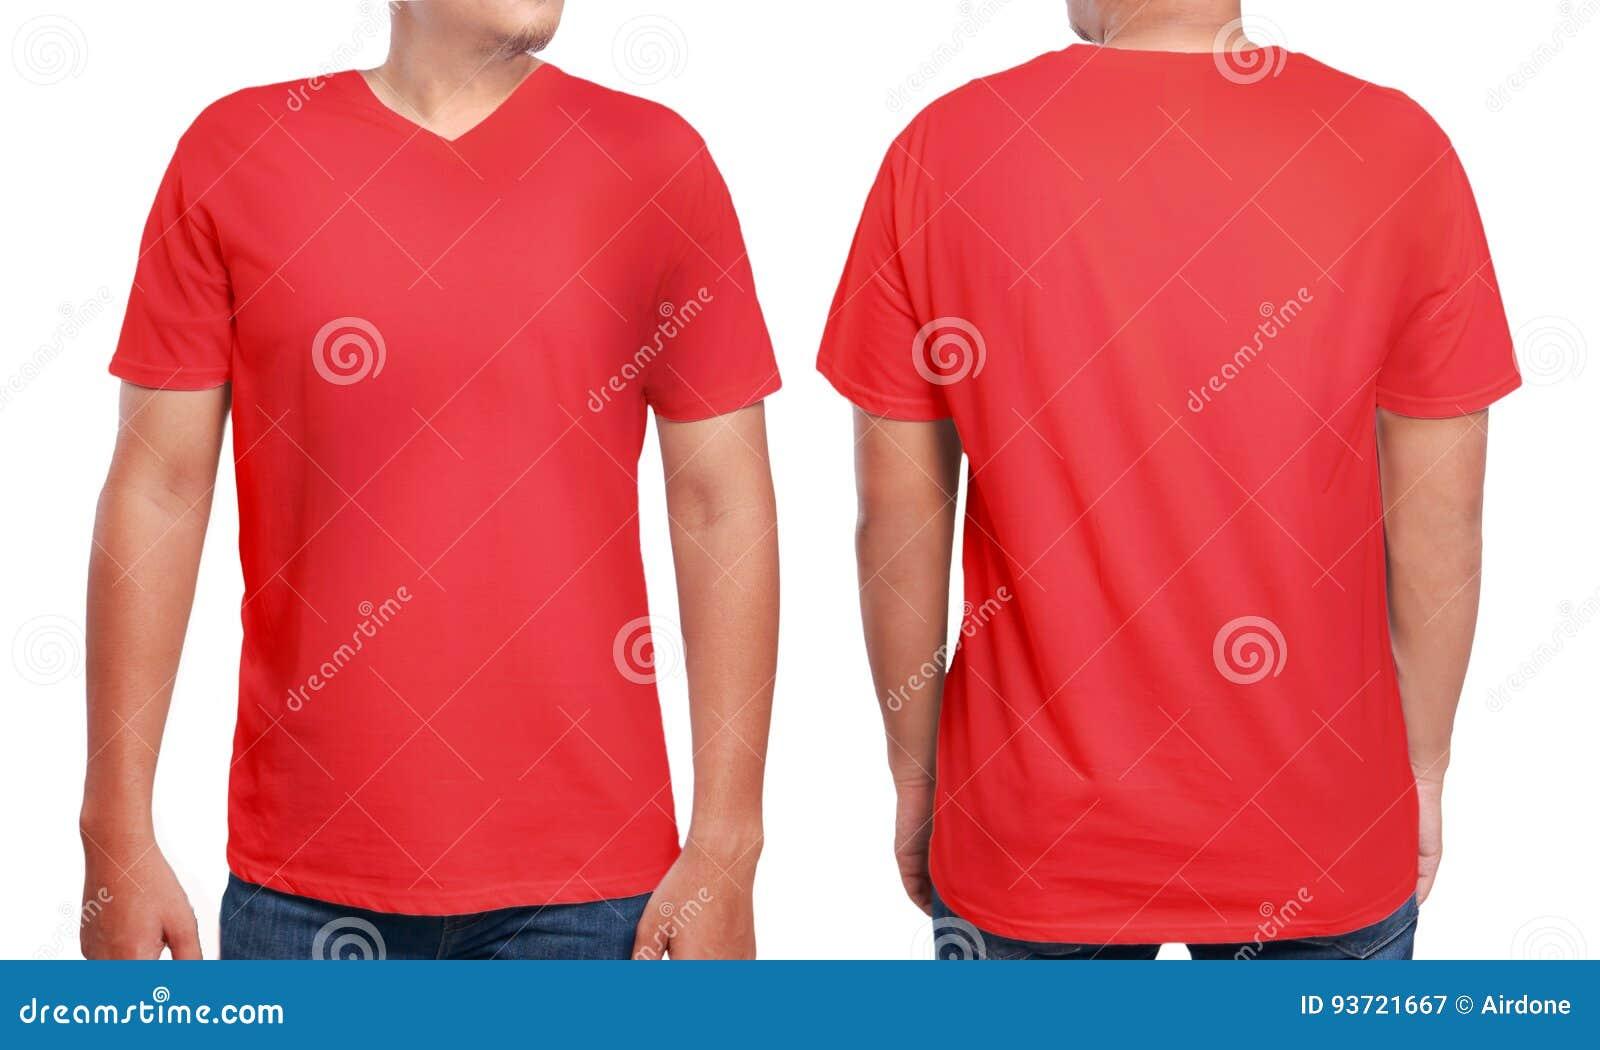 red v neck shirt design template stock image image of clothing standing 93721667. Black Bedroom Furniture Sets. Home Design Ideas